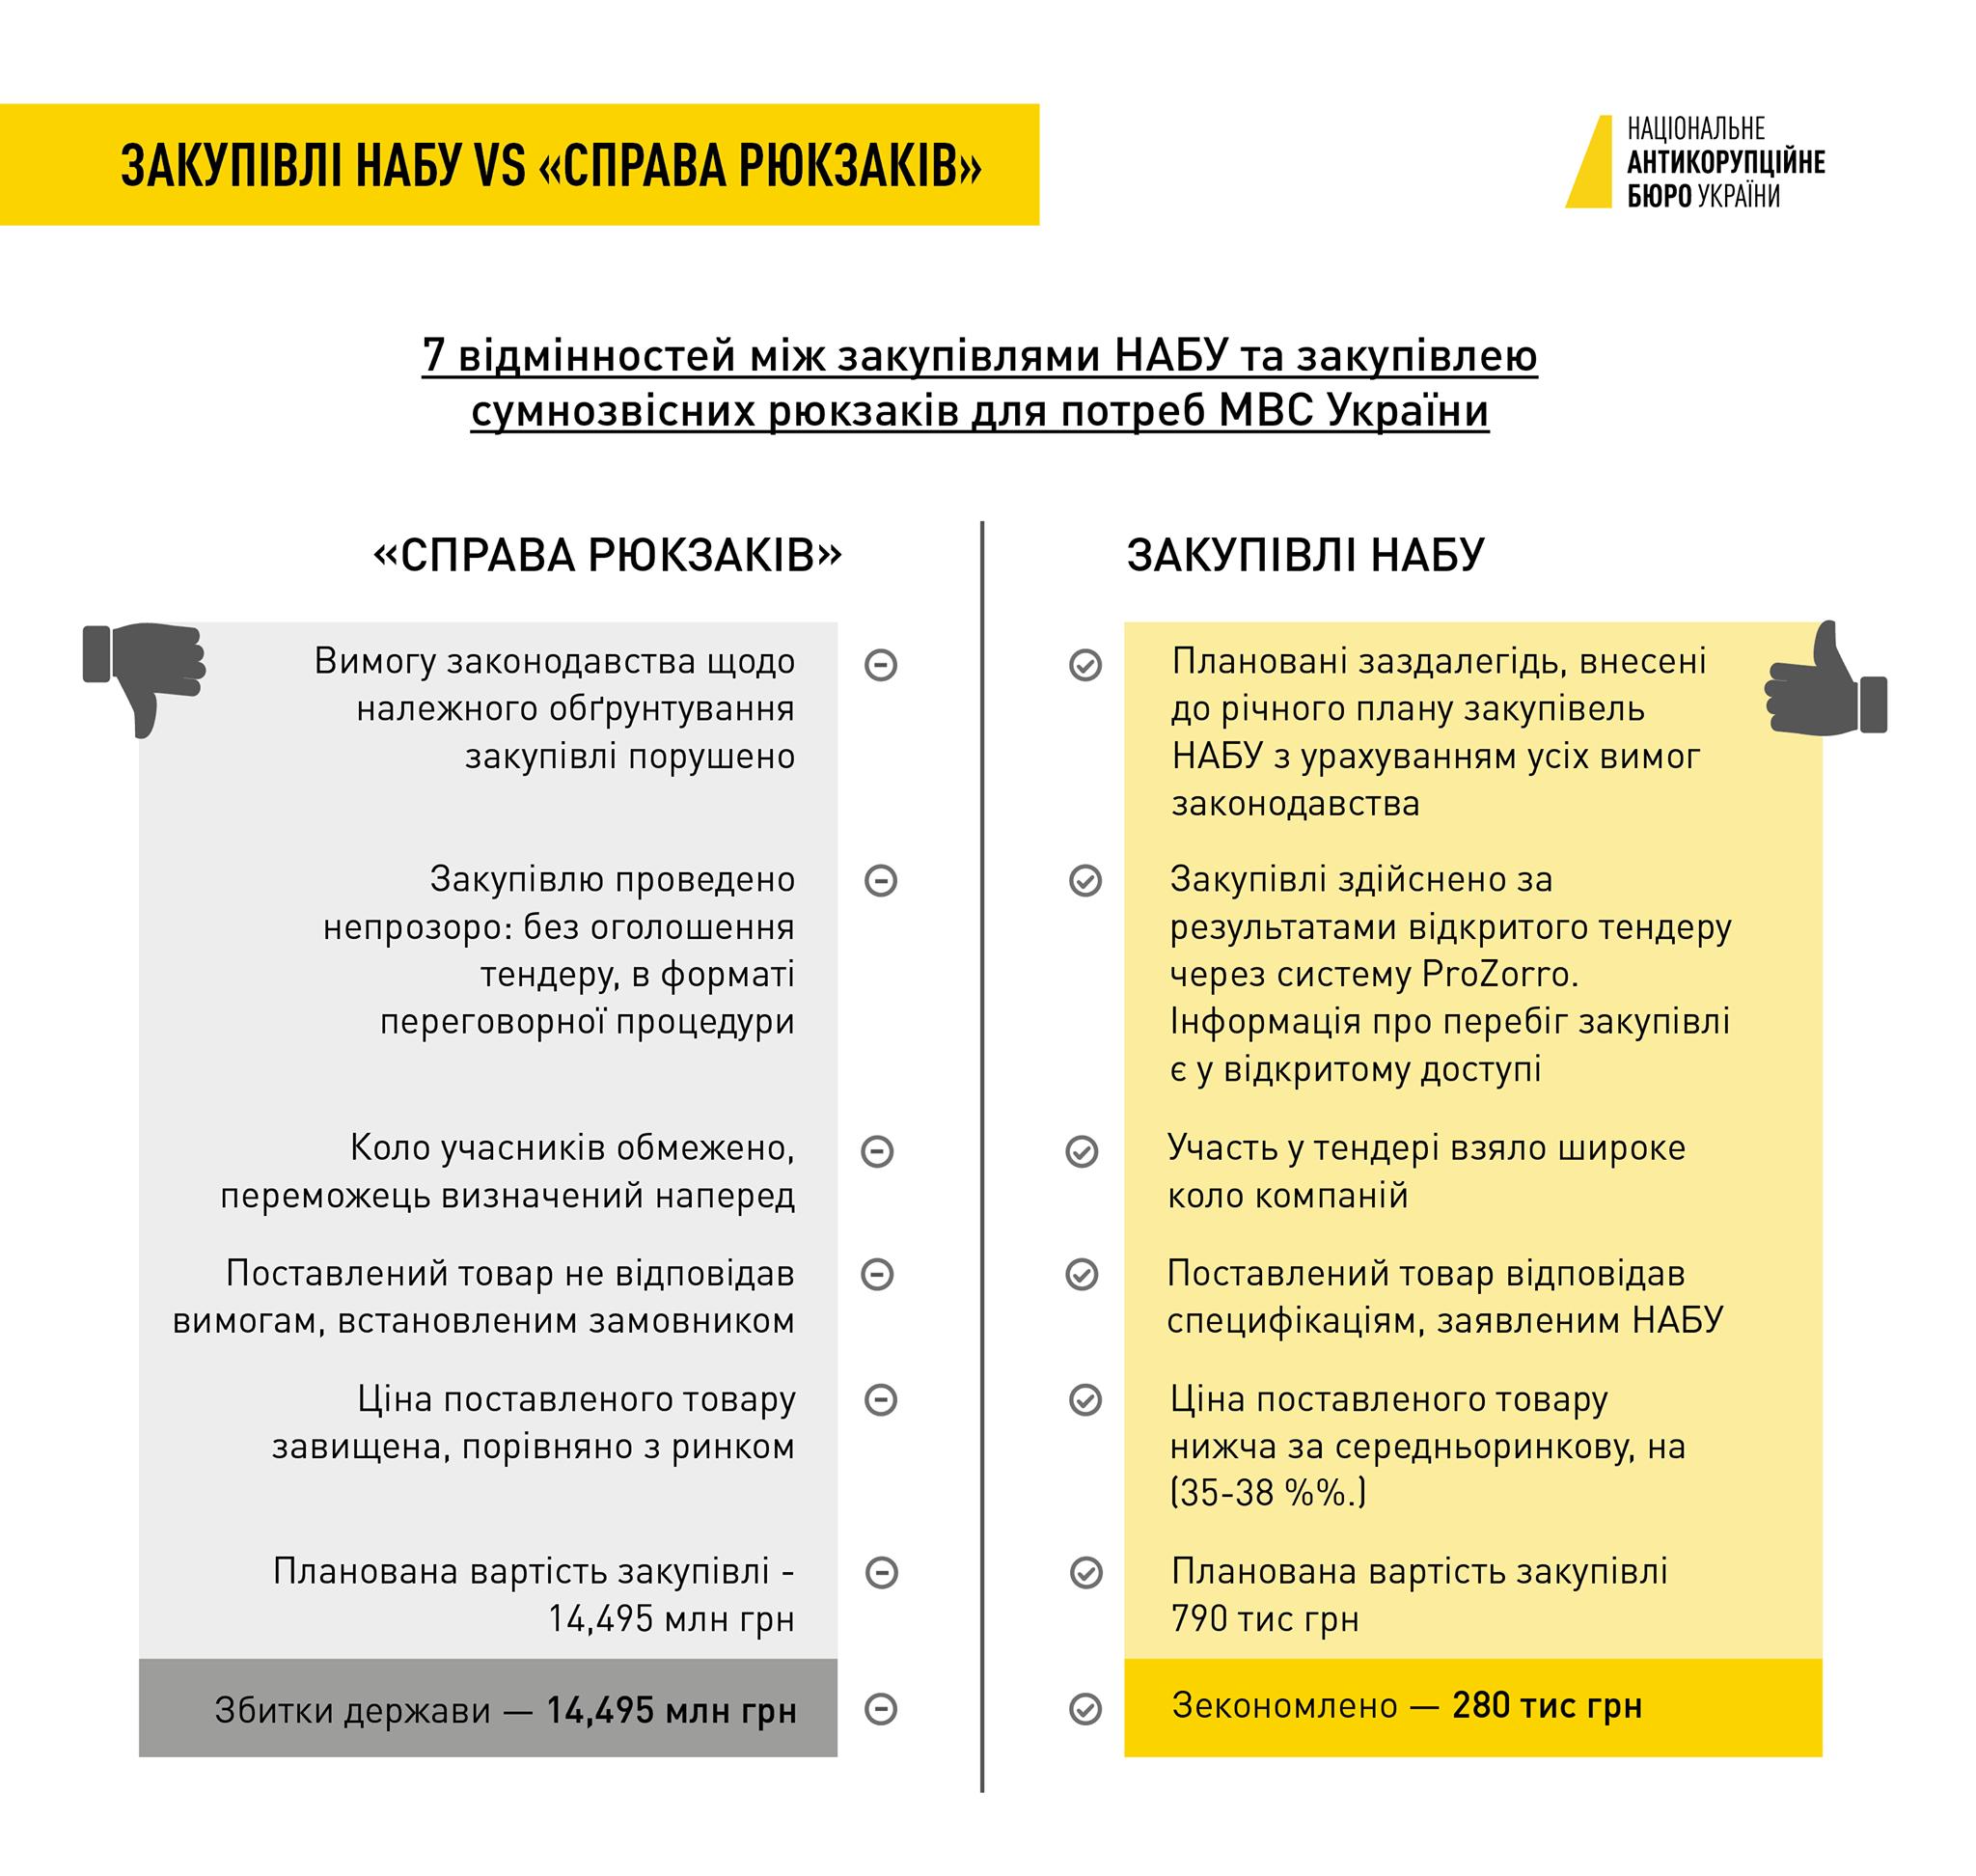 Рюкзаки МВС проти костюмів НАБУ інфографіка НАБУ